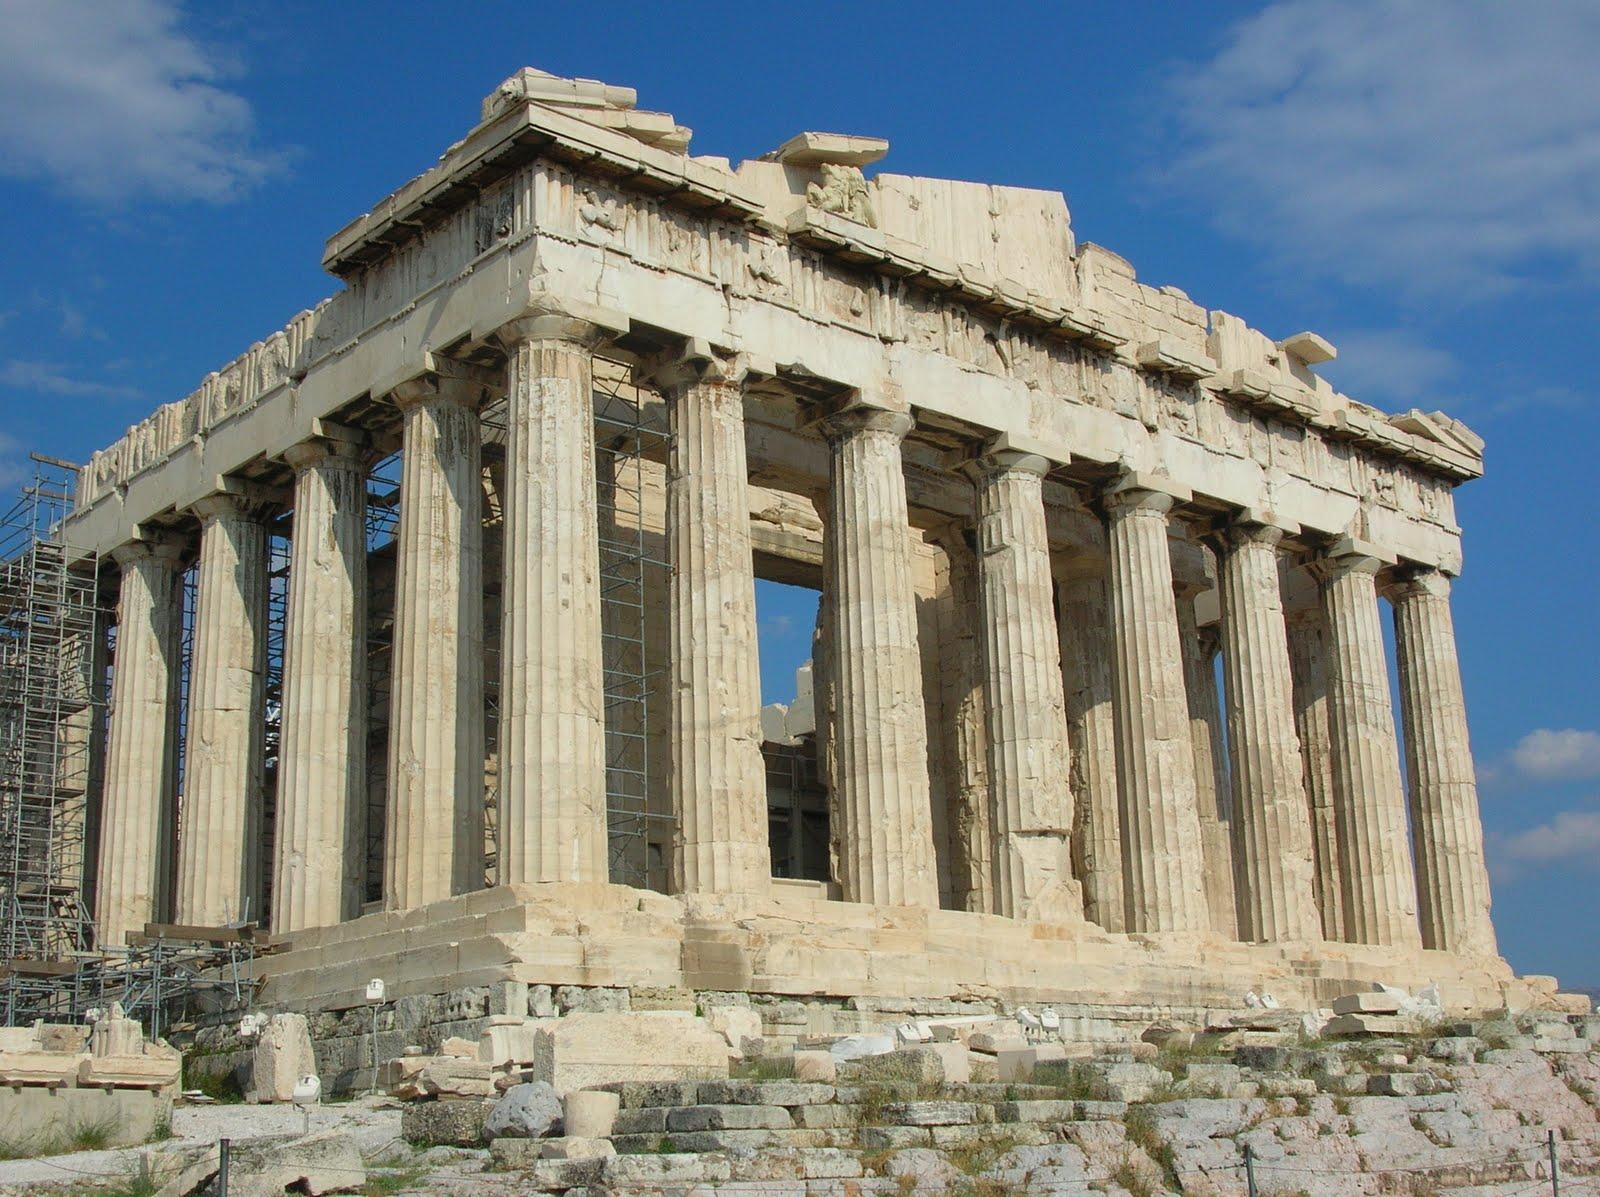 小禾子的獨白-部落格: 希臘 雅典衛城-帕德嫩神殿與阿提庫斯古劇場